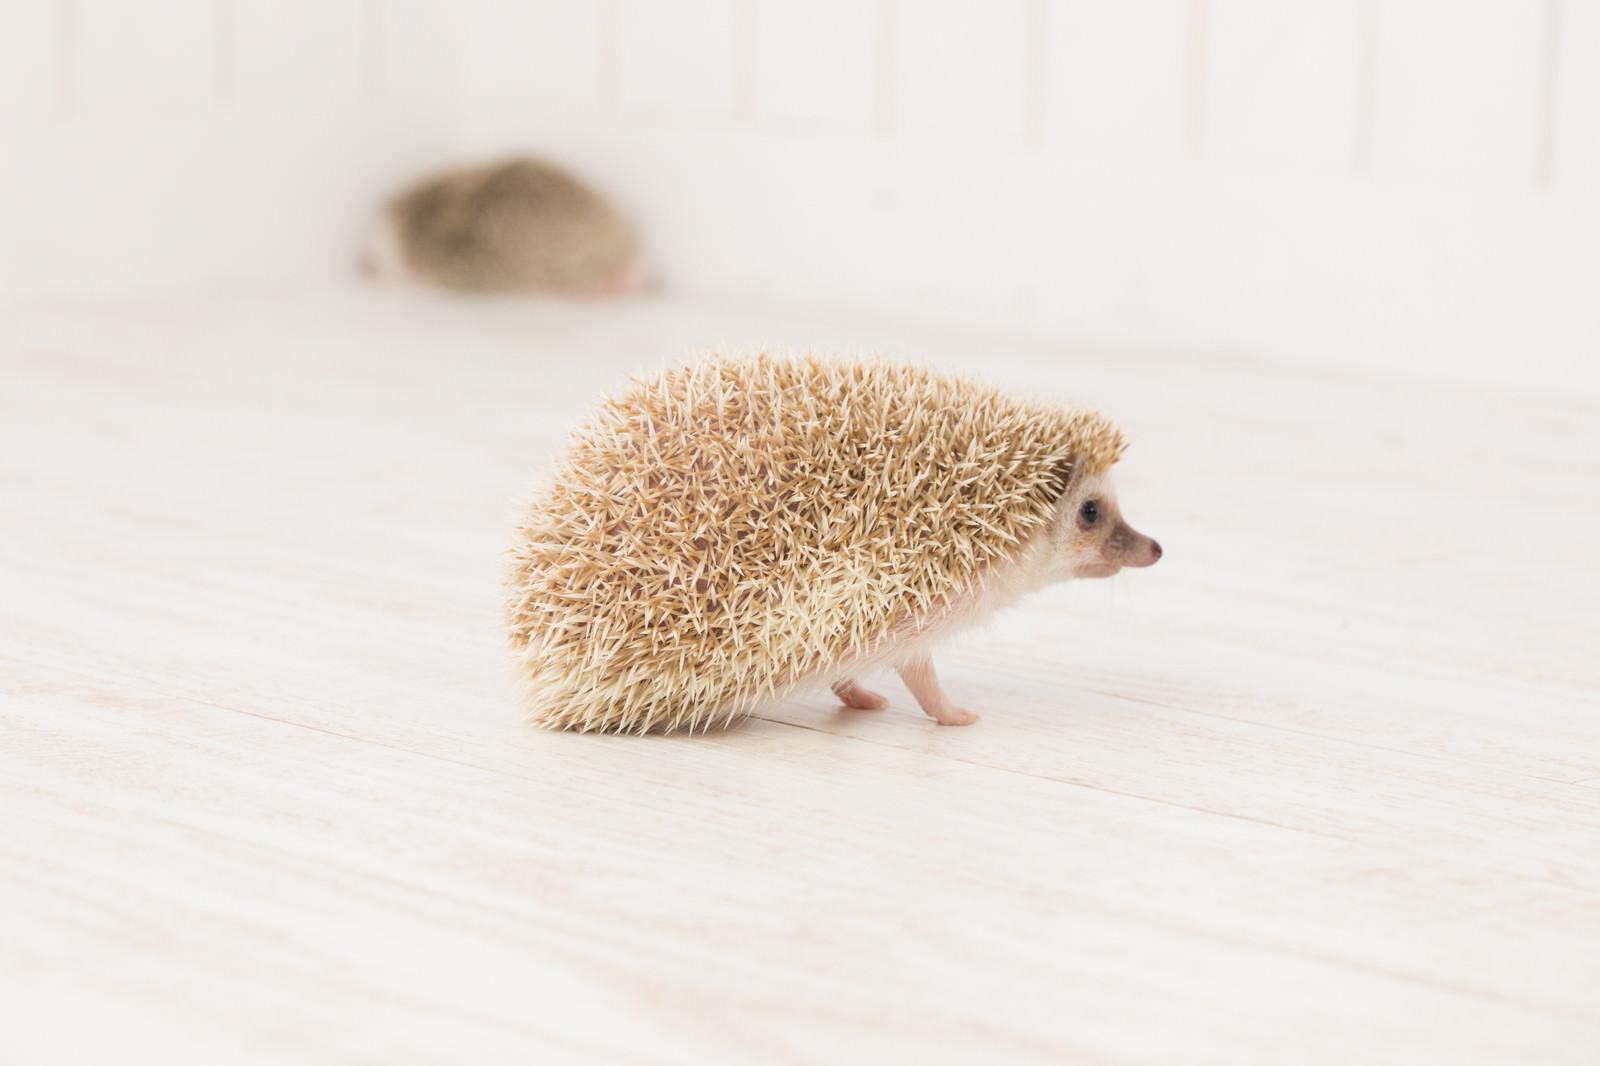 「すれ違いの関係(ハリネズミ)」の写真